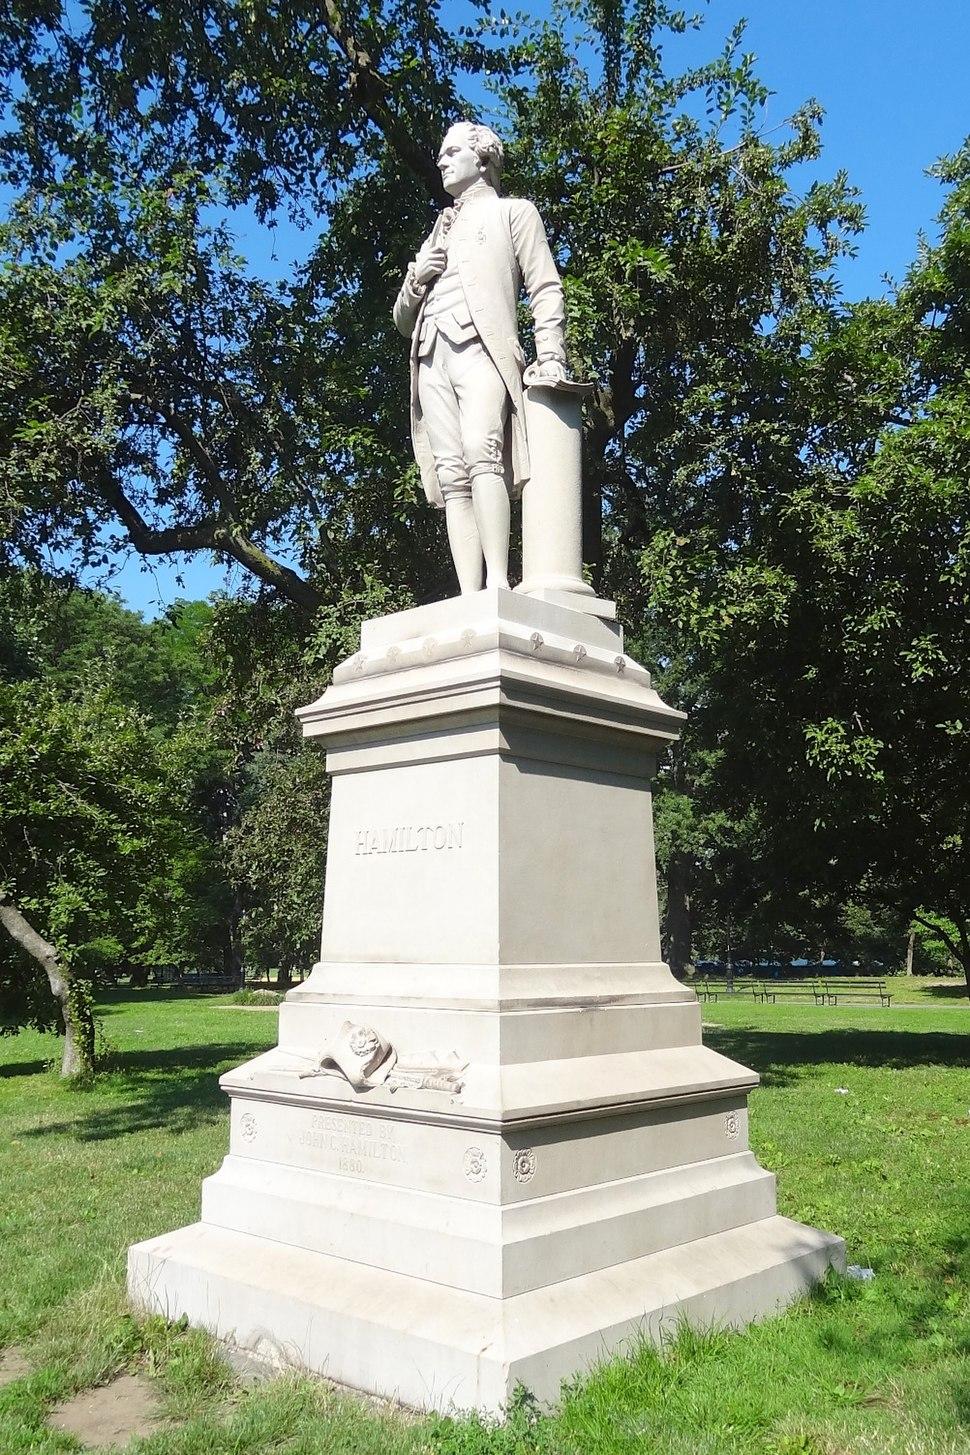 Alexander Hamilton by Conrads, Central Park, NYC - 02